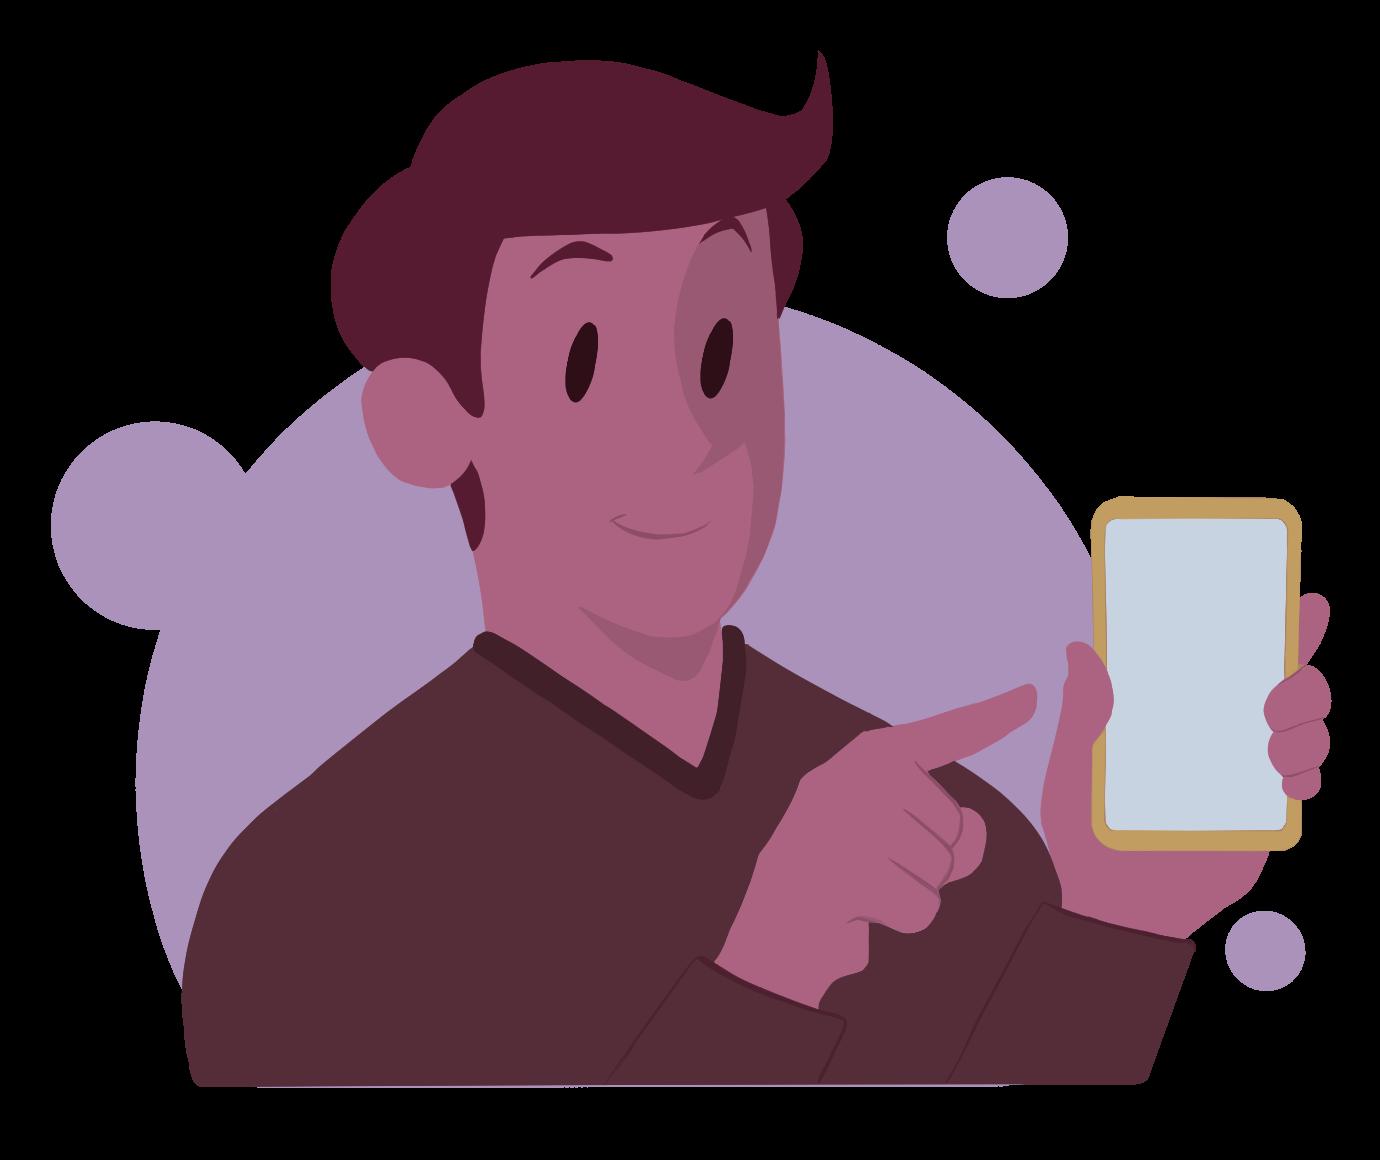 Animasjonsfigur som holder en telefon og viser at han administrerer sameiet og velforeningen via telefonen.